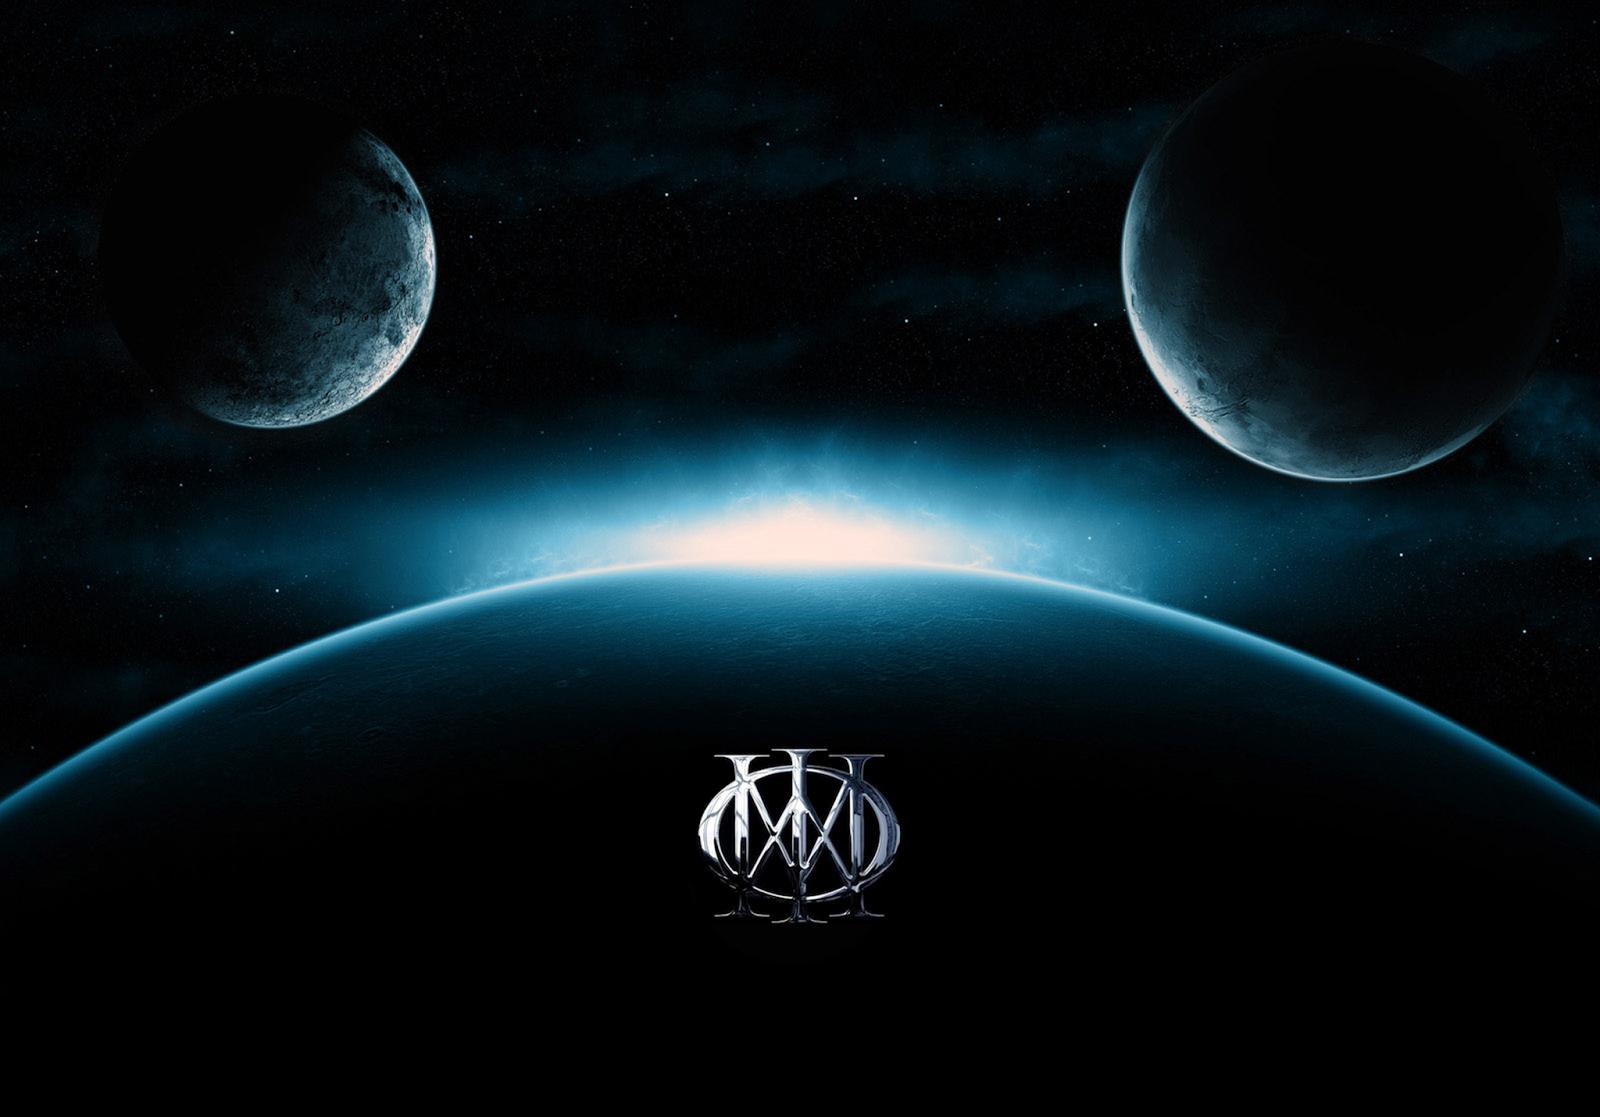 Dream Theater Wallpaper HD - WallpaperSafari